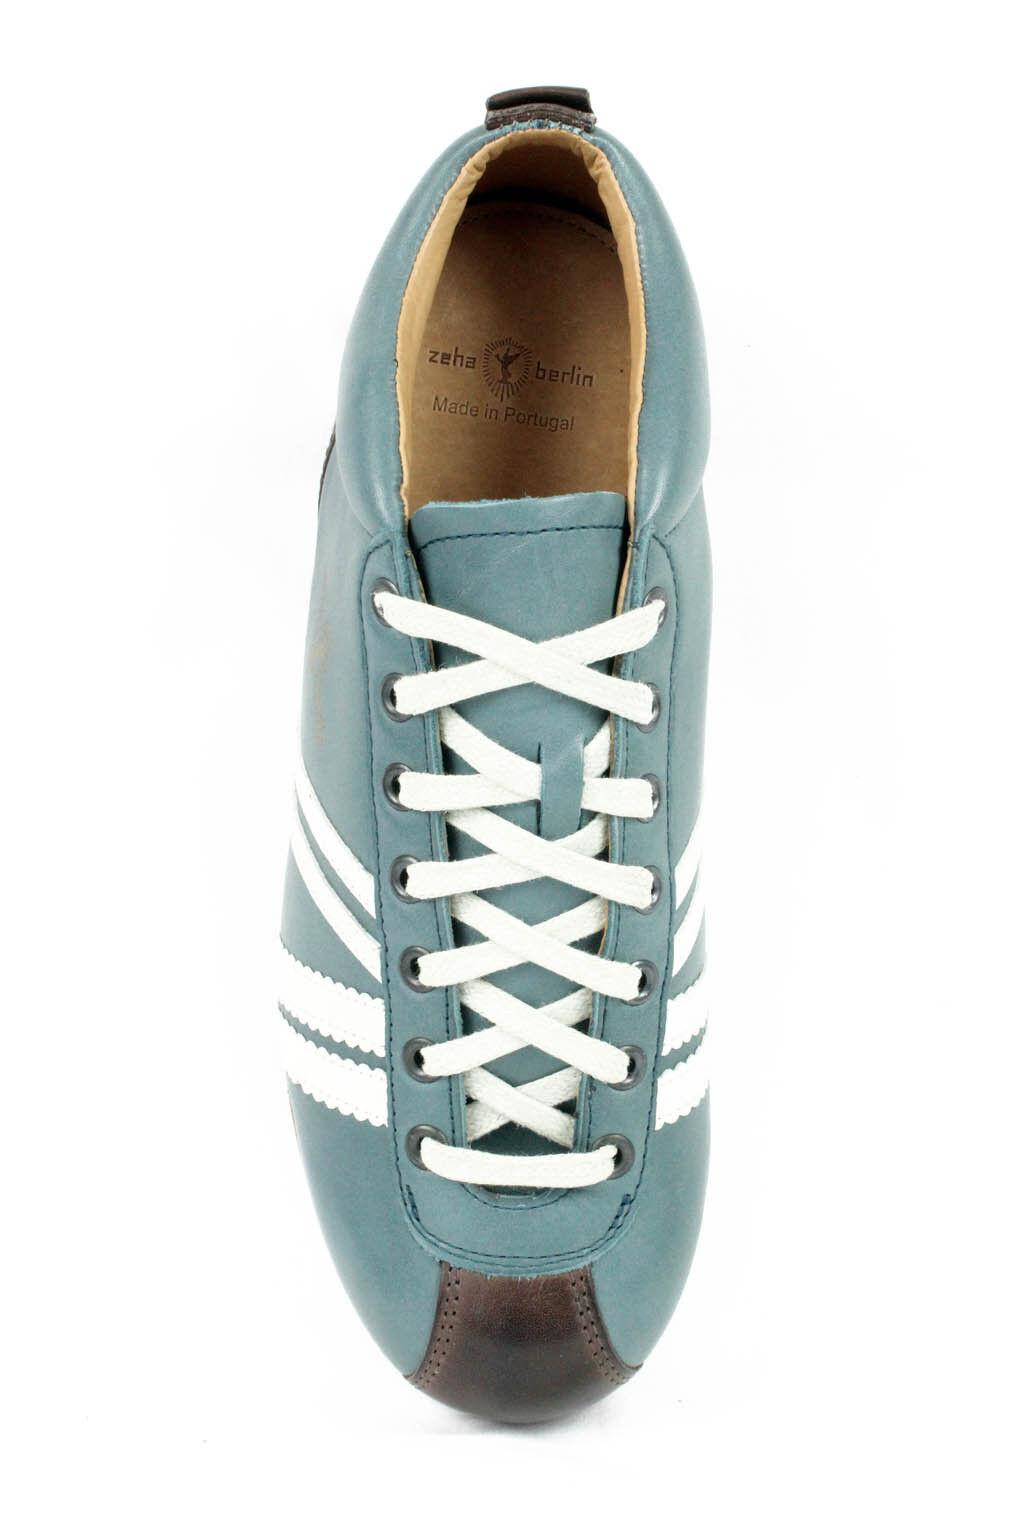 Zeha Berlin Carl h h h  ner Ligue Benisa Grey Chaussures Sneaker Vélo de Course Singlespeed Fixi | Sale Online  df34f2